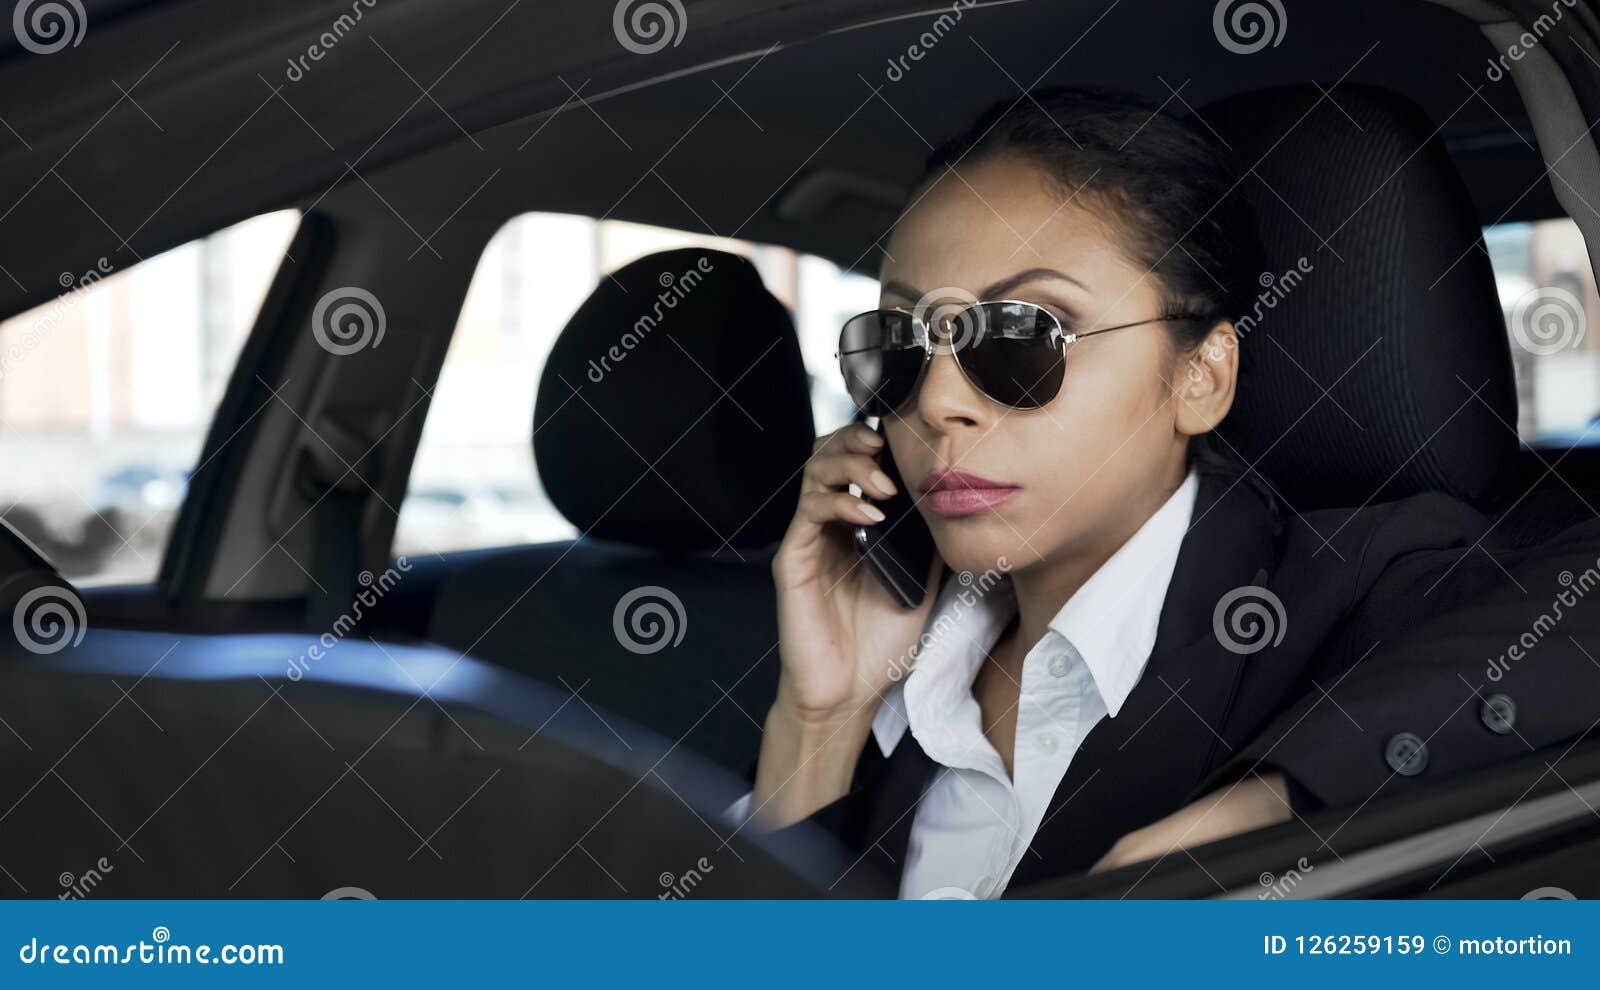 Donna seria che parla sul telefono in automobile, agente investigativo privato che spia, agente di polizia